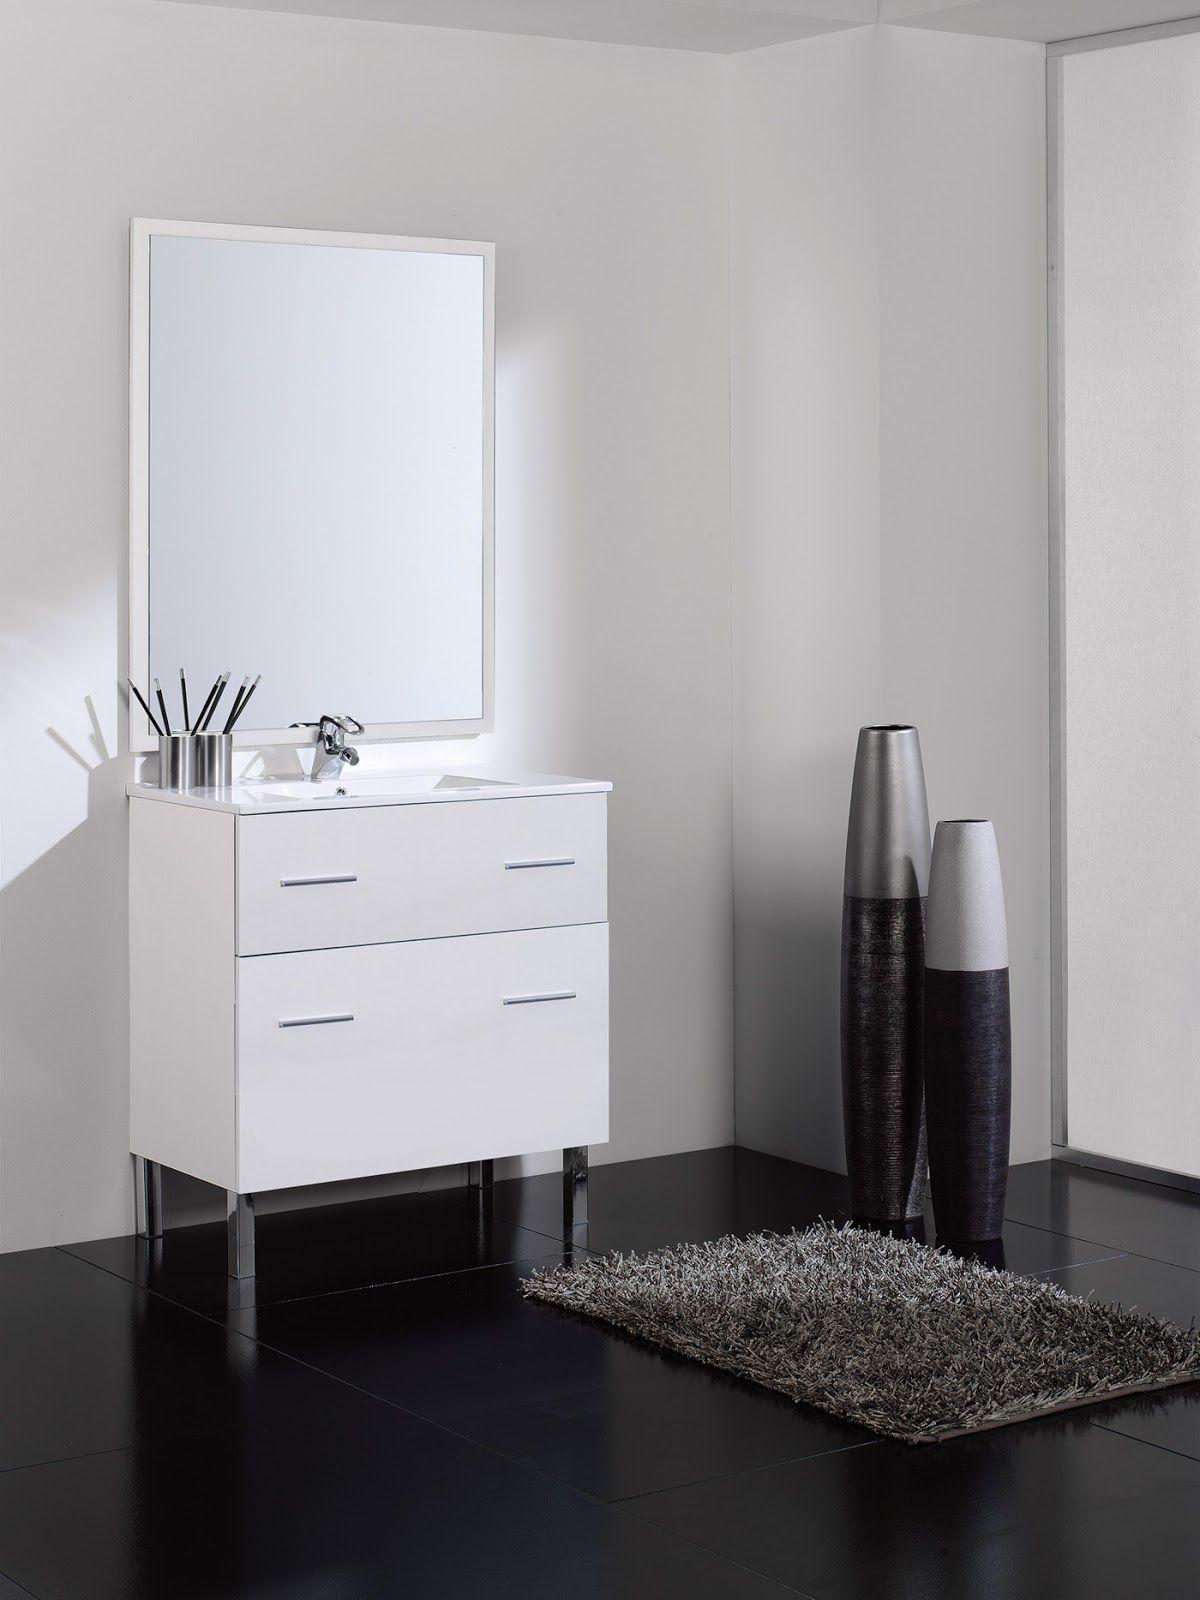 Muebles De Baño En Oferta | Oferta Mueble Bano Blanco Con Patas 2 Cajones Incluye Lavabo